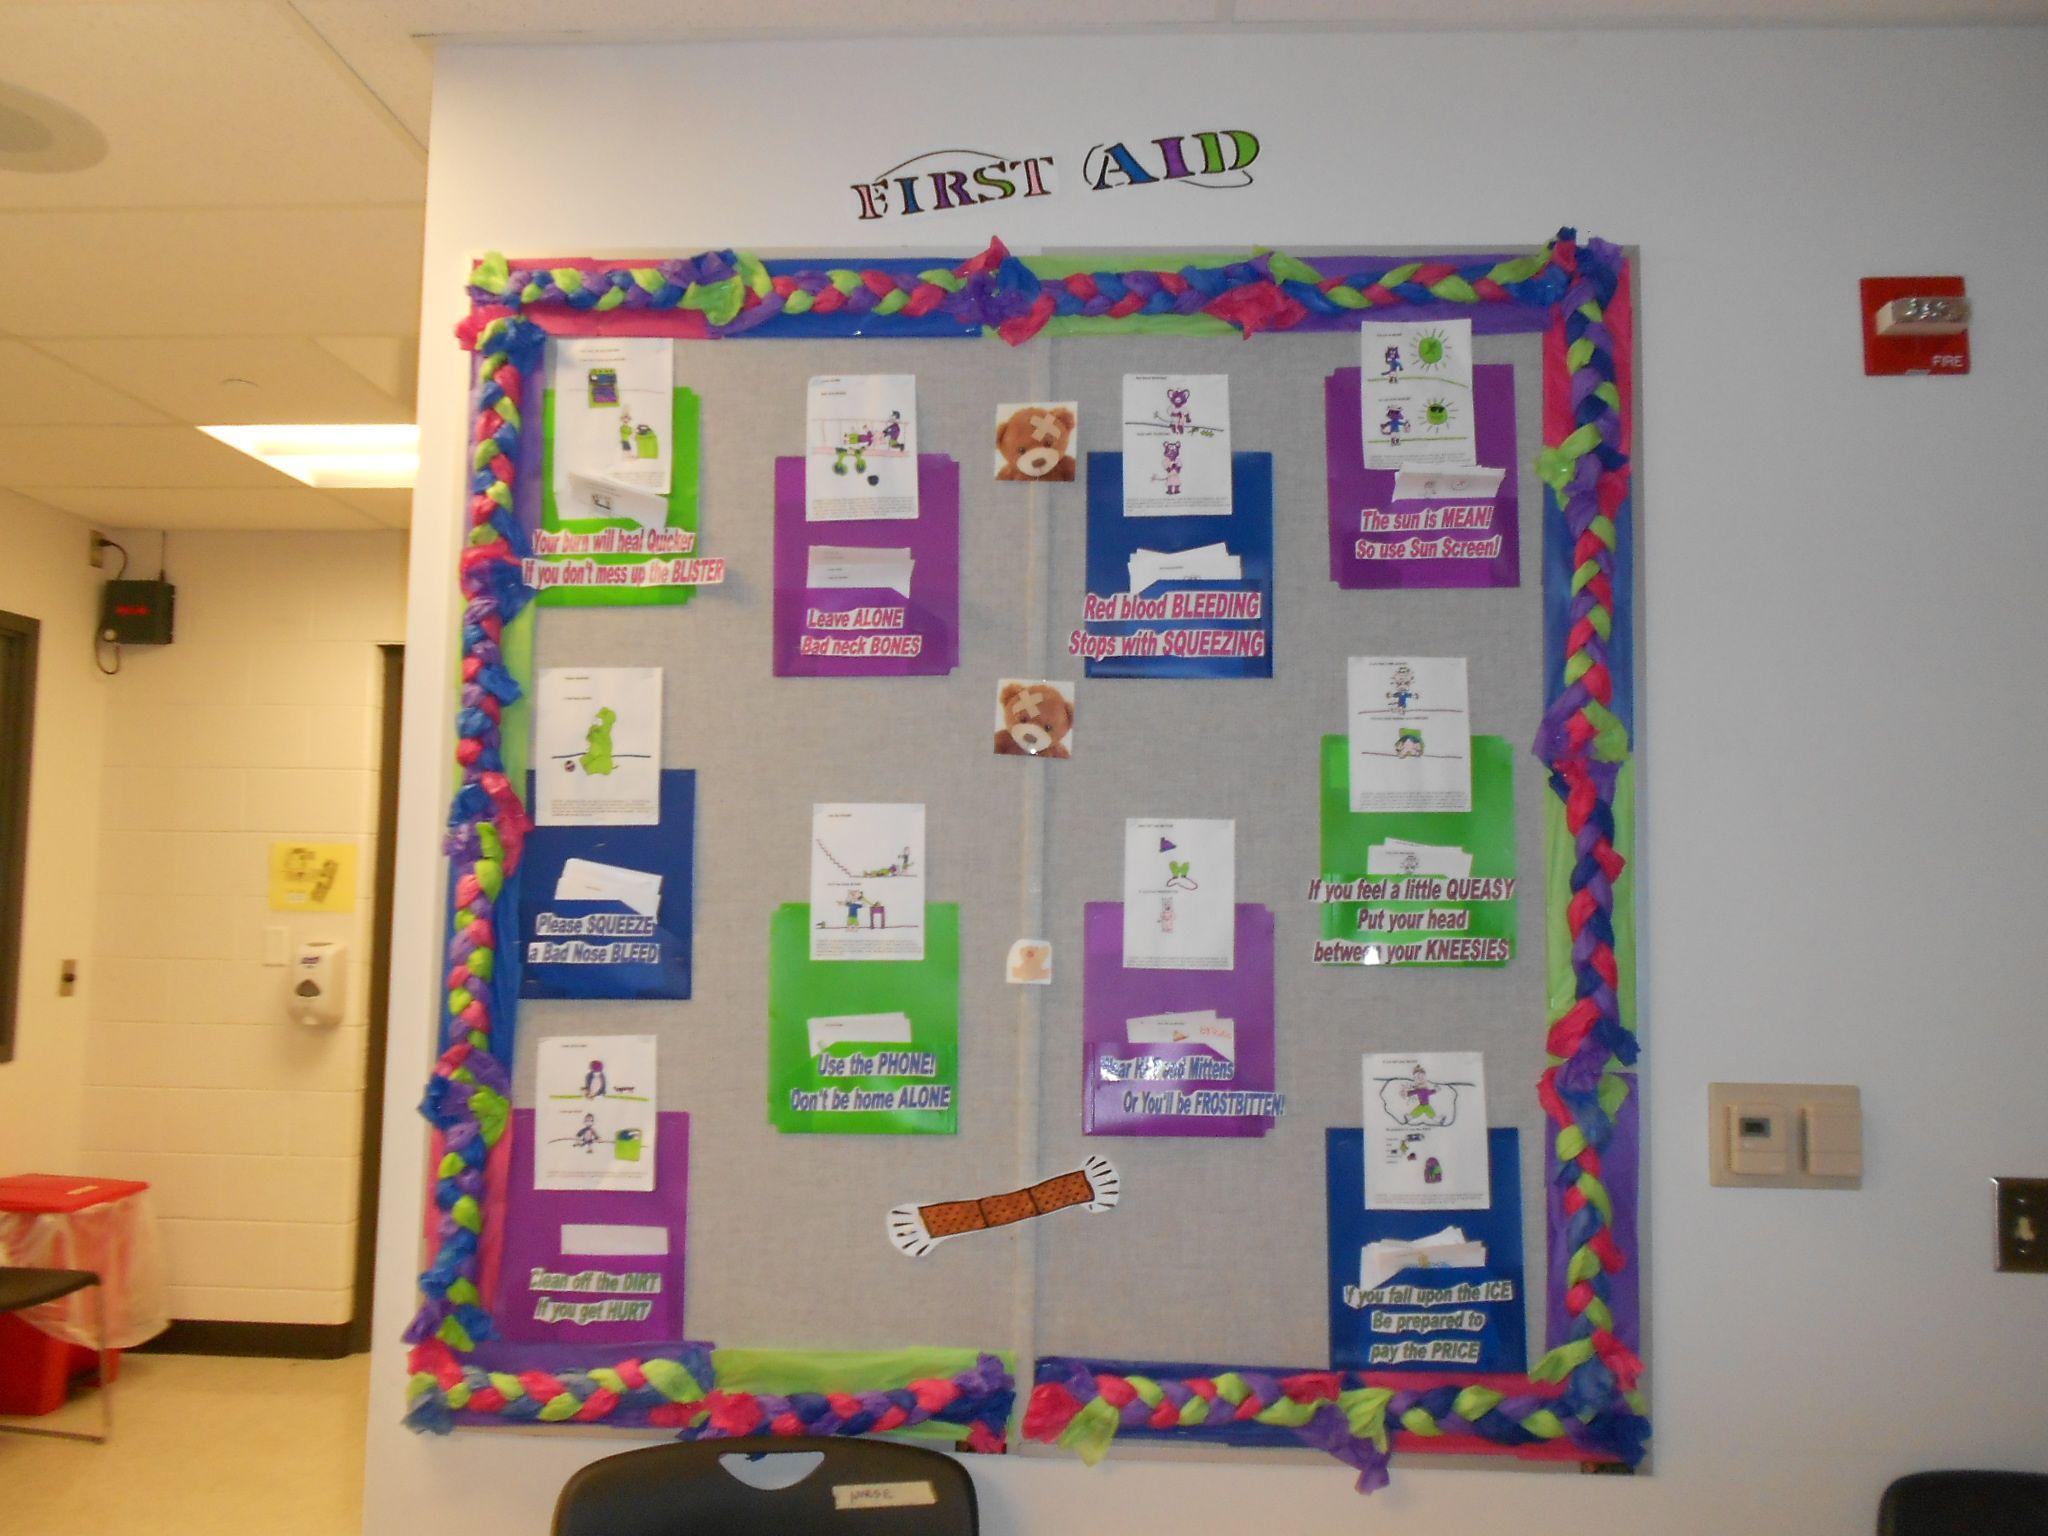 office bulletin board ideas pinterest. School Nurse Office Bulletin Boards Pinterest - 2048x1536 Jpeg Board Ideas